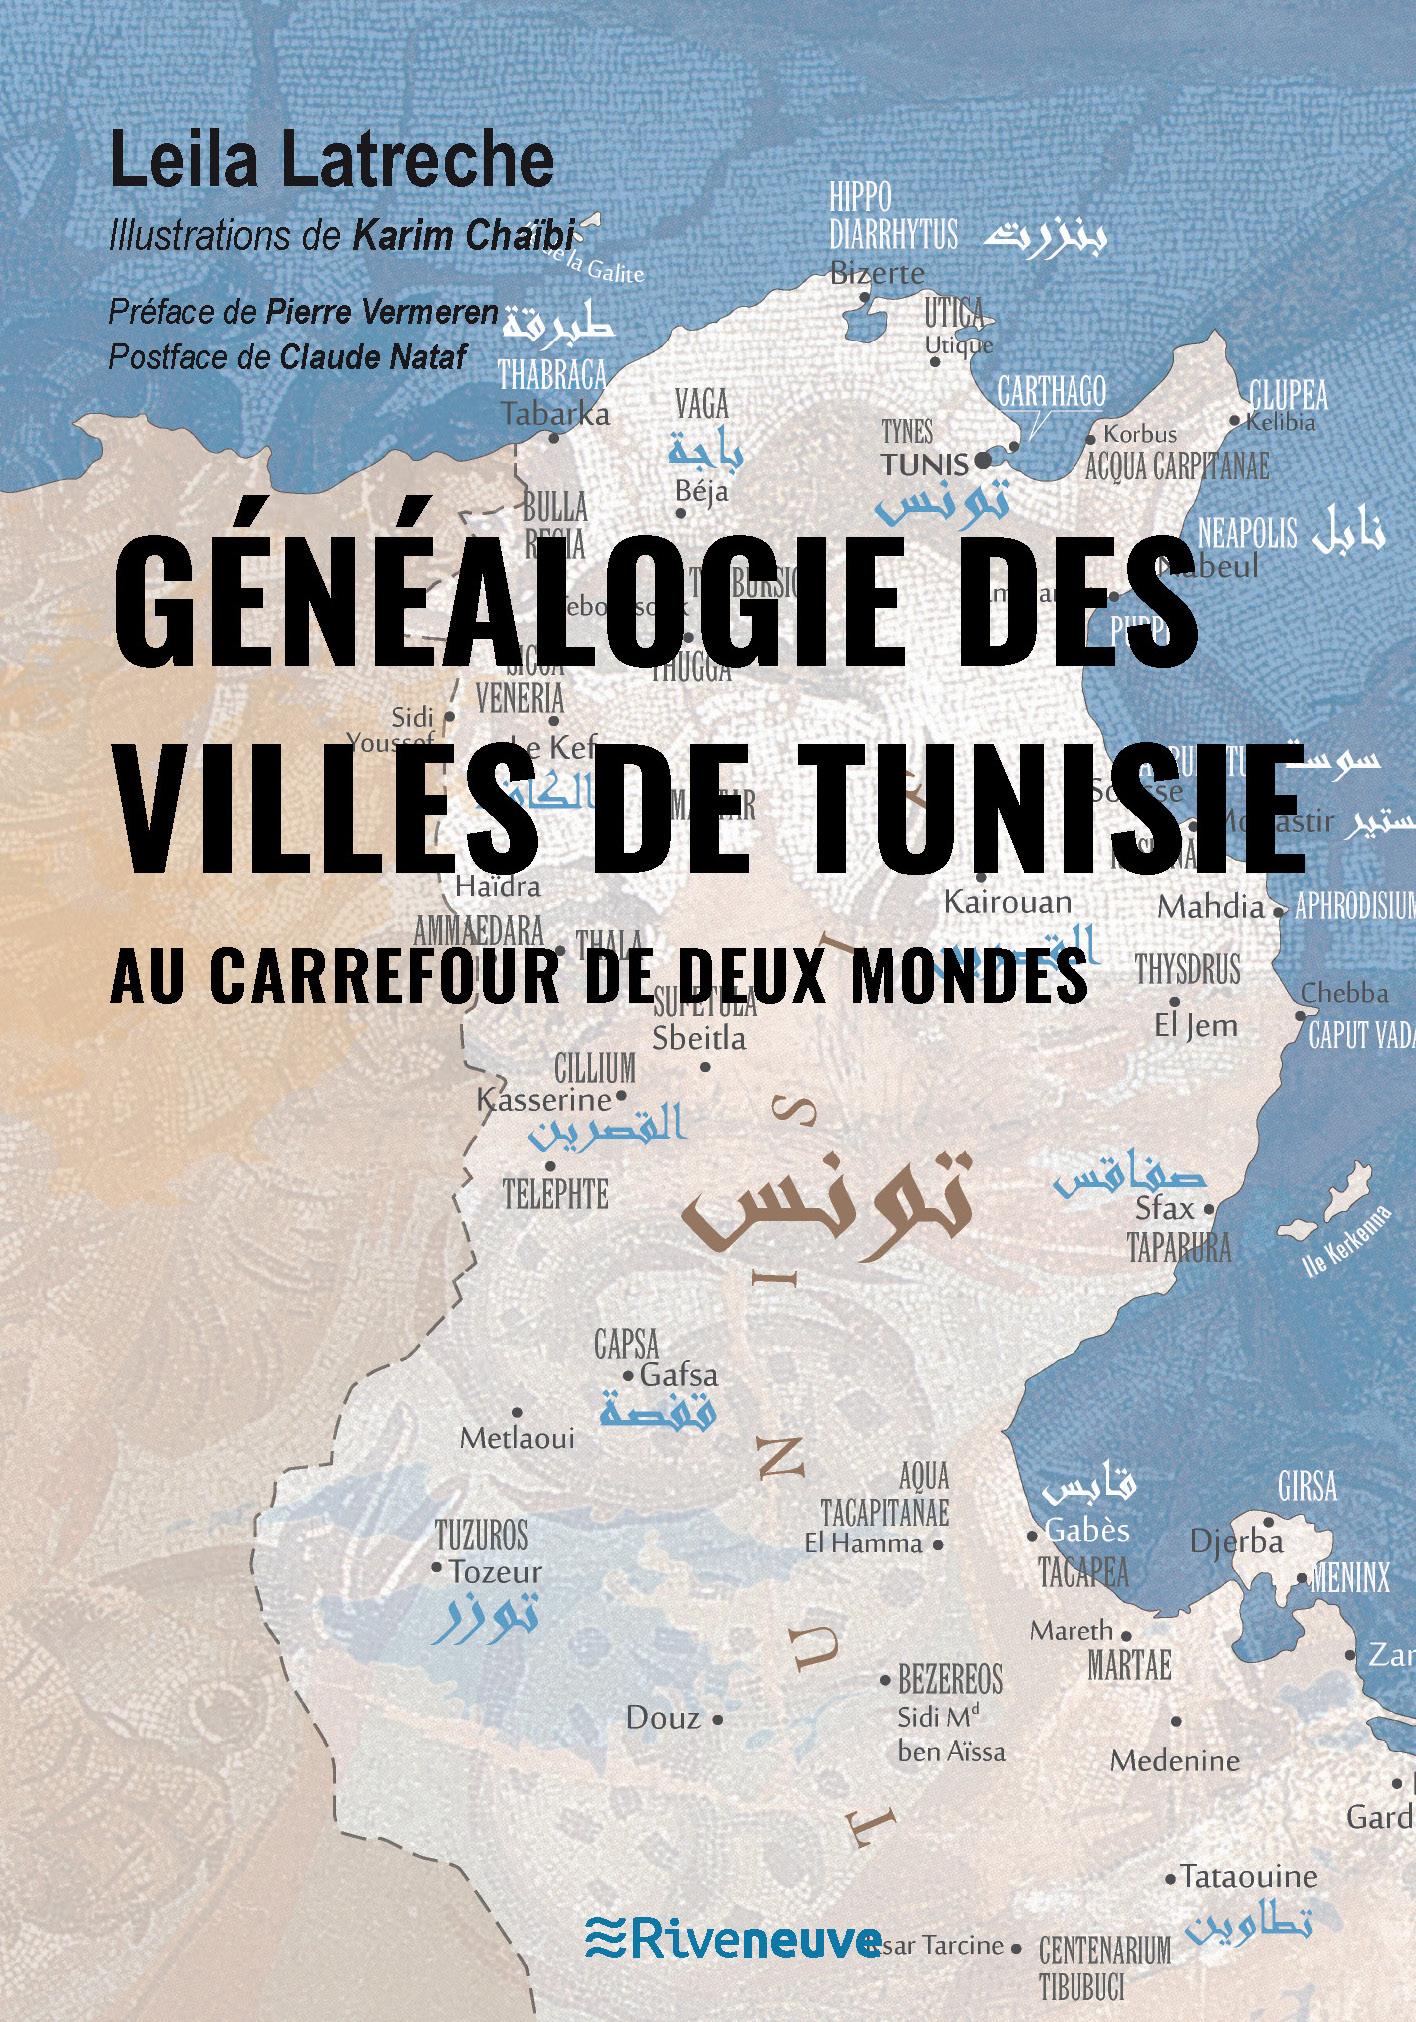 Généalogie des villes de Tunisie. Au carrefour de deux mondes